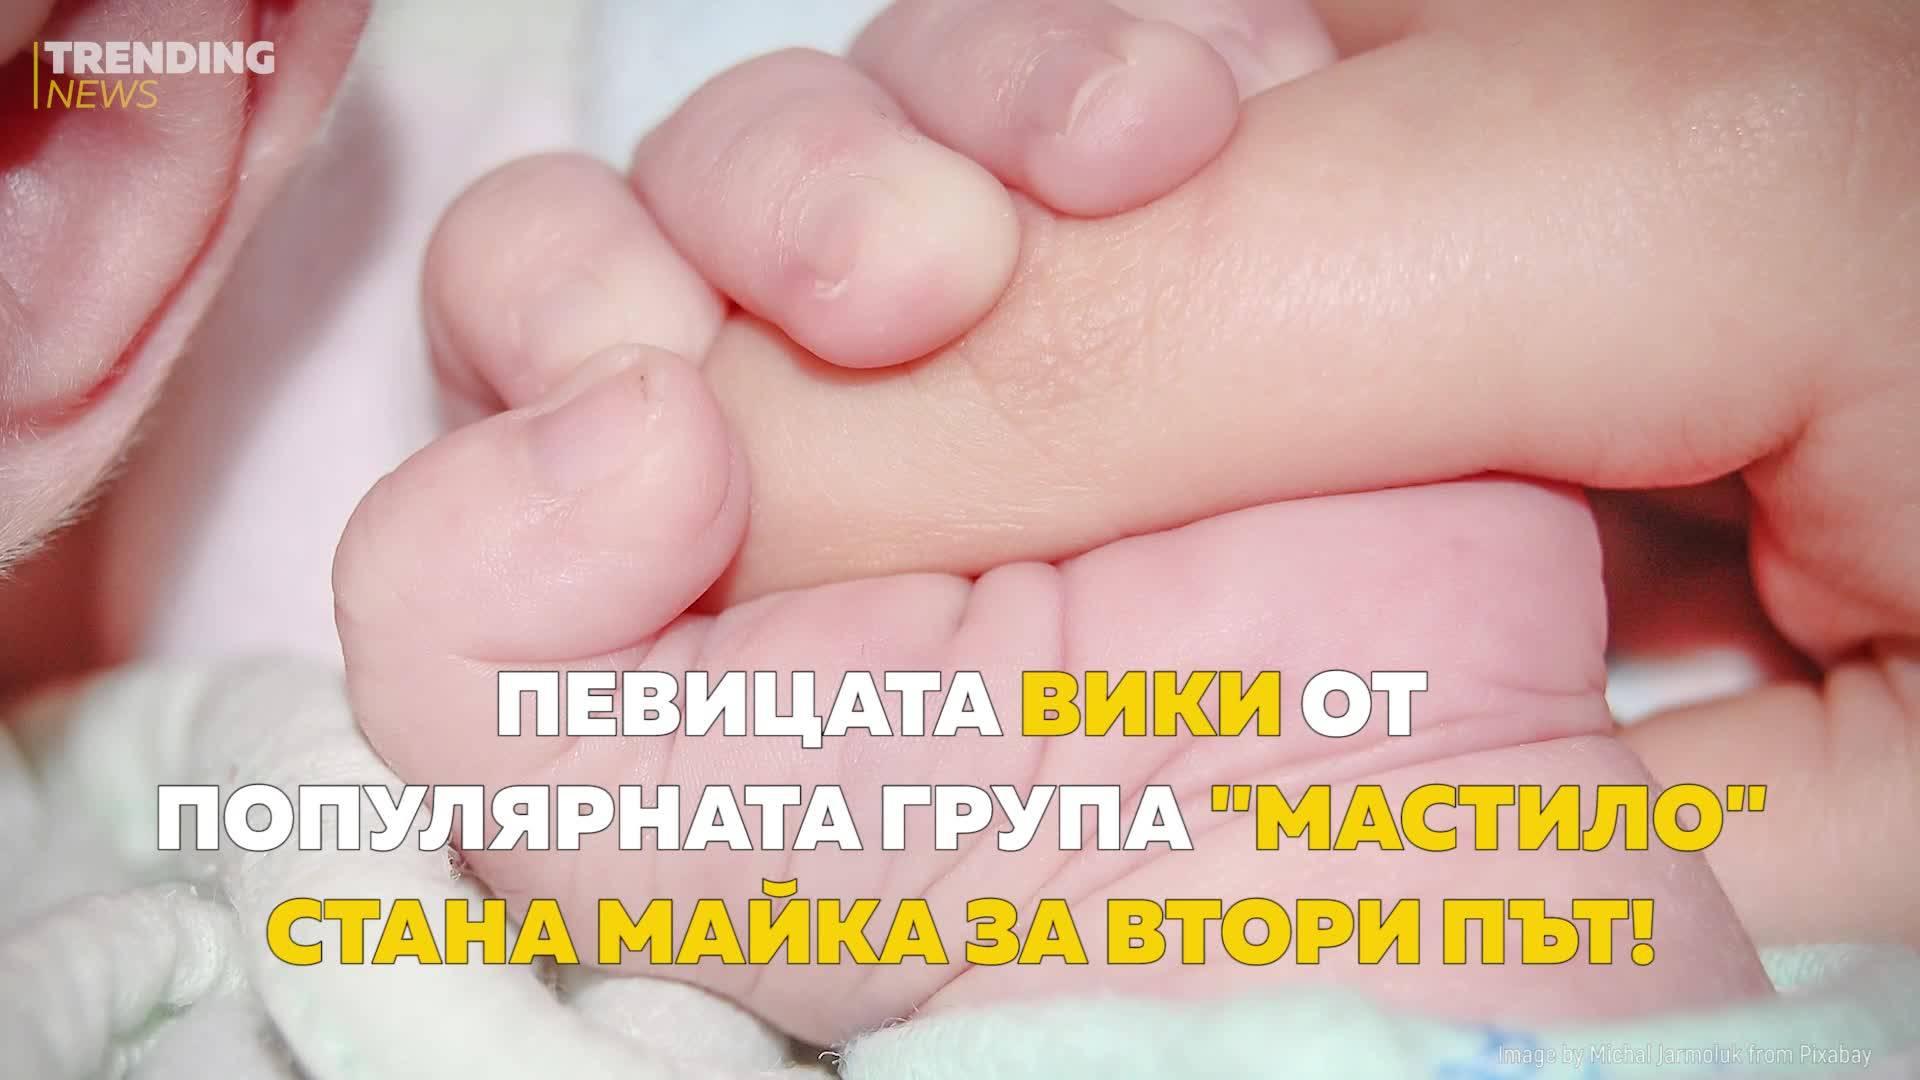 """Вики от \""""Мастило\"""" стана майка за втори път!"""